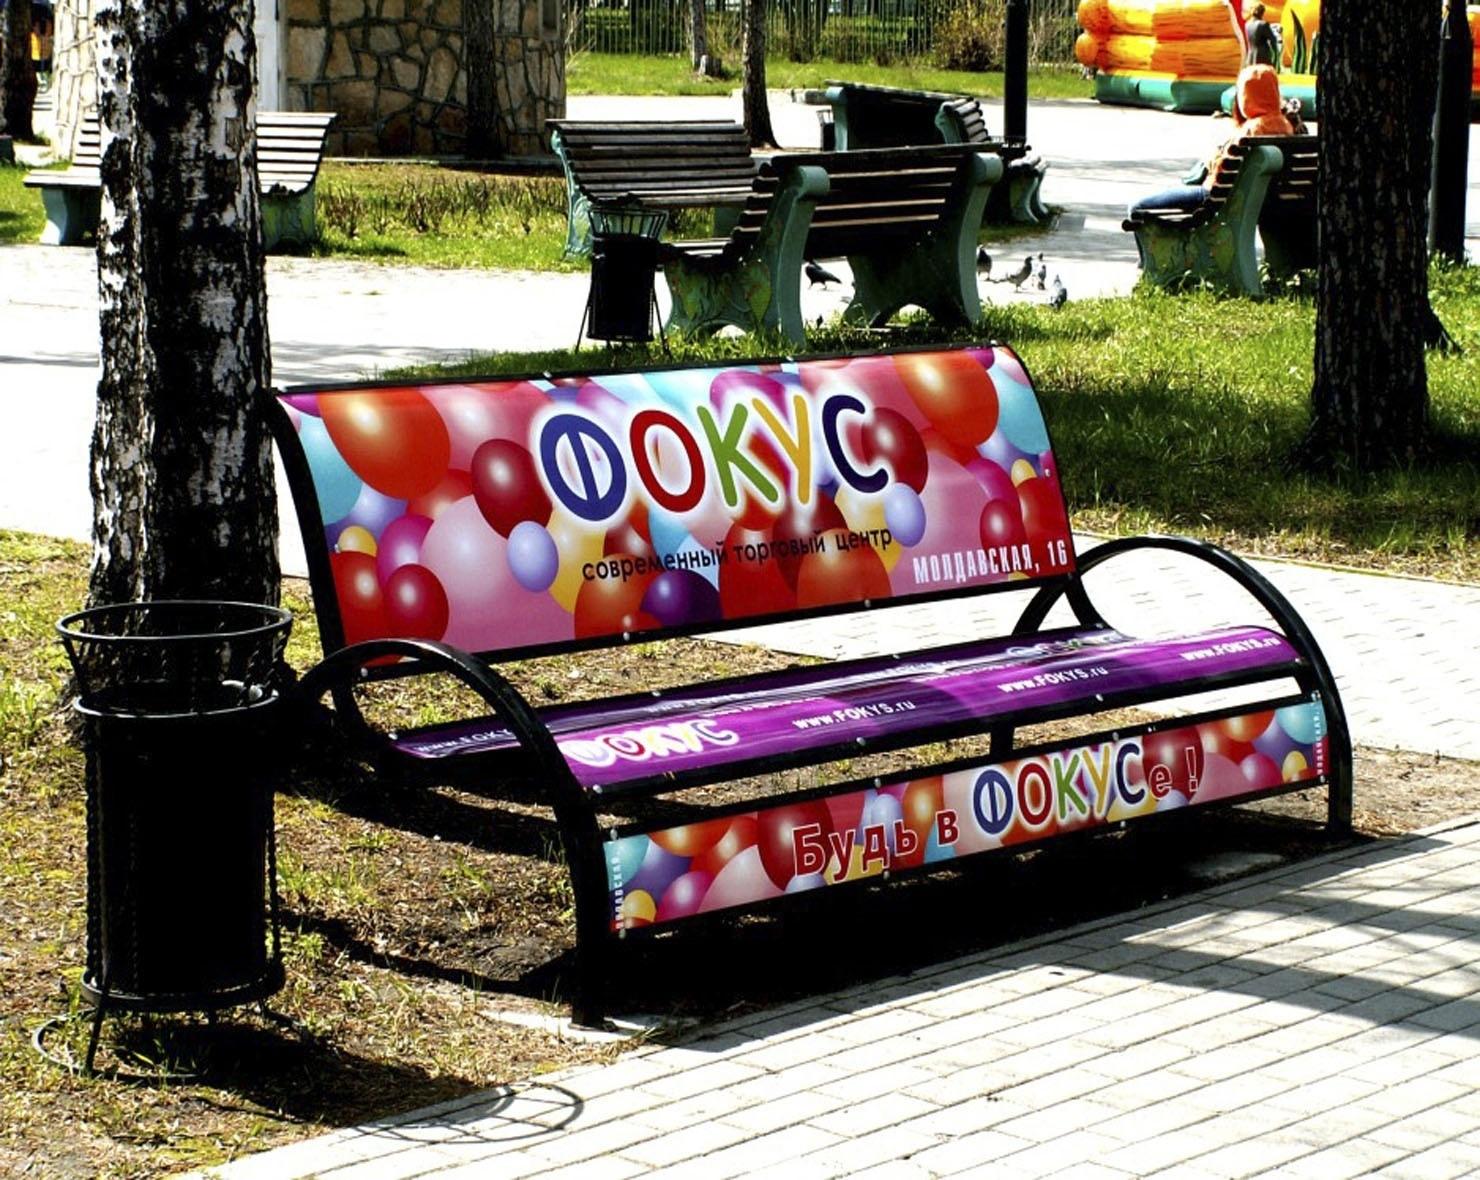 Бизнес-идея: Размещение рекламы на уличных скамейках Начальные